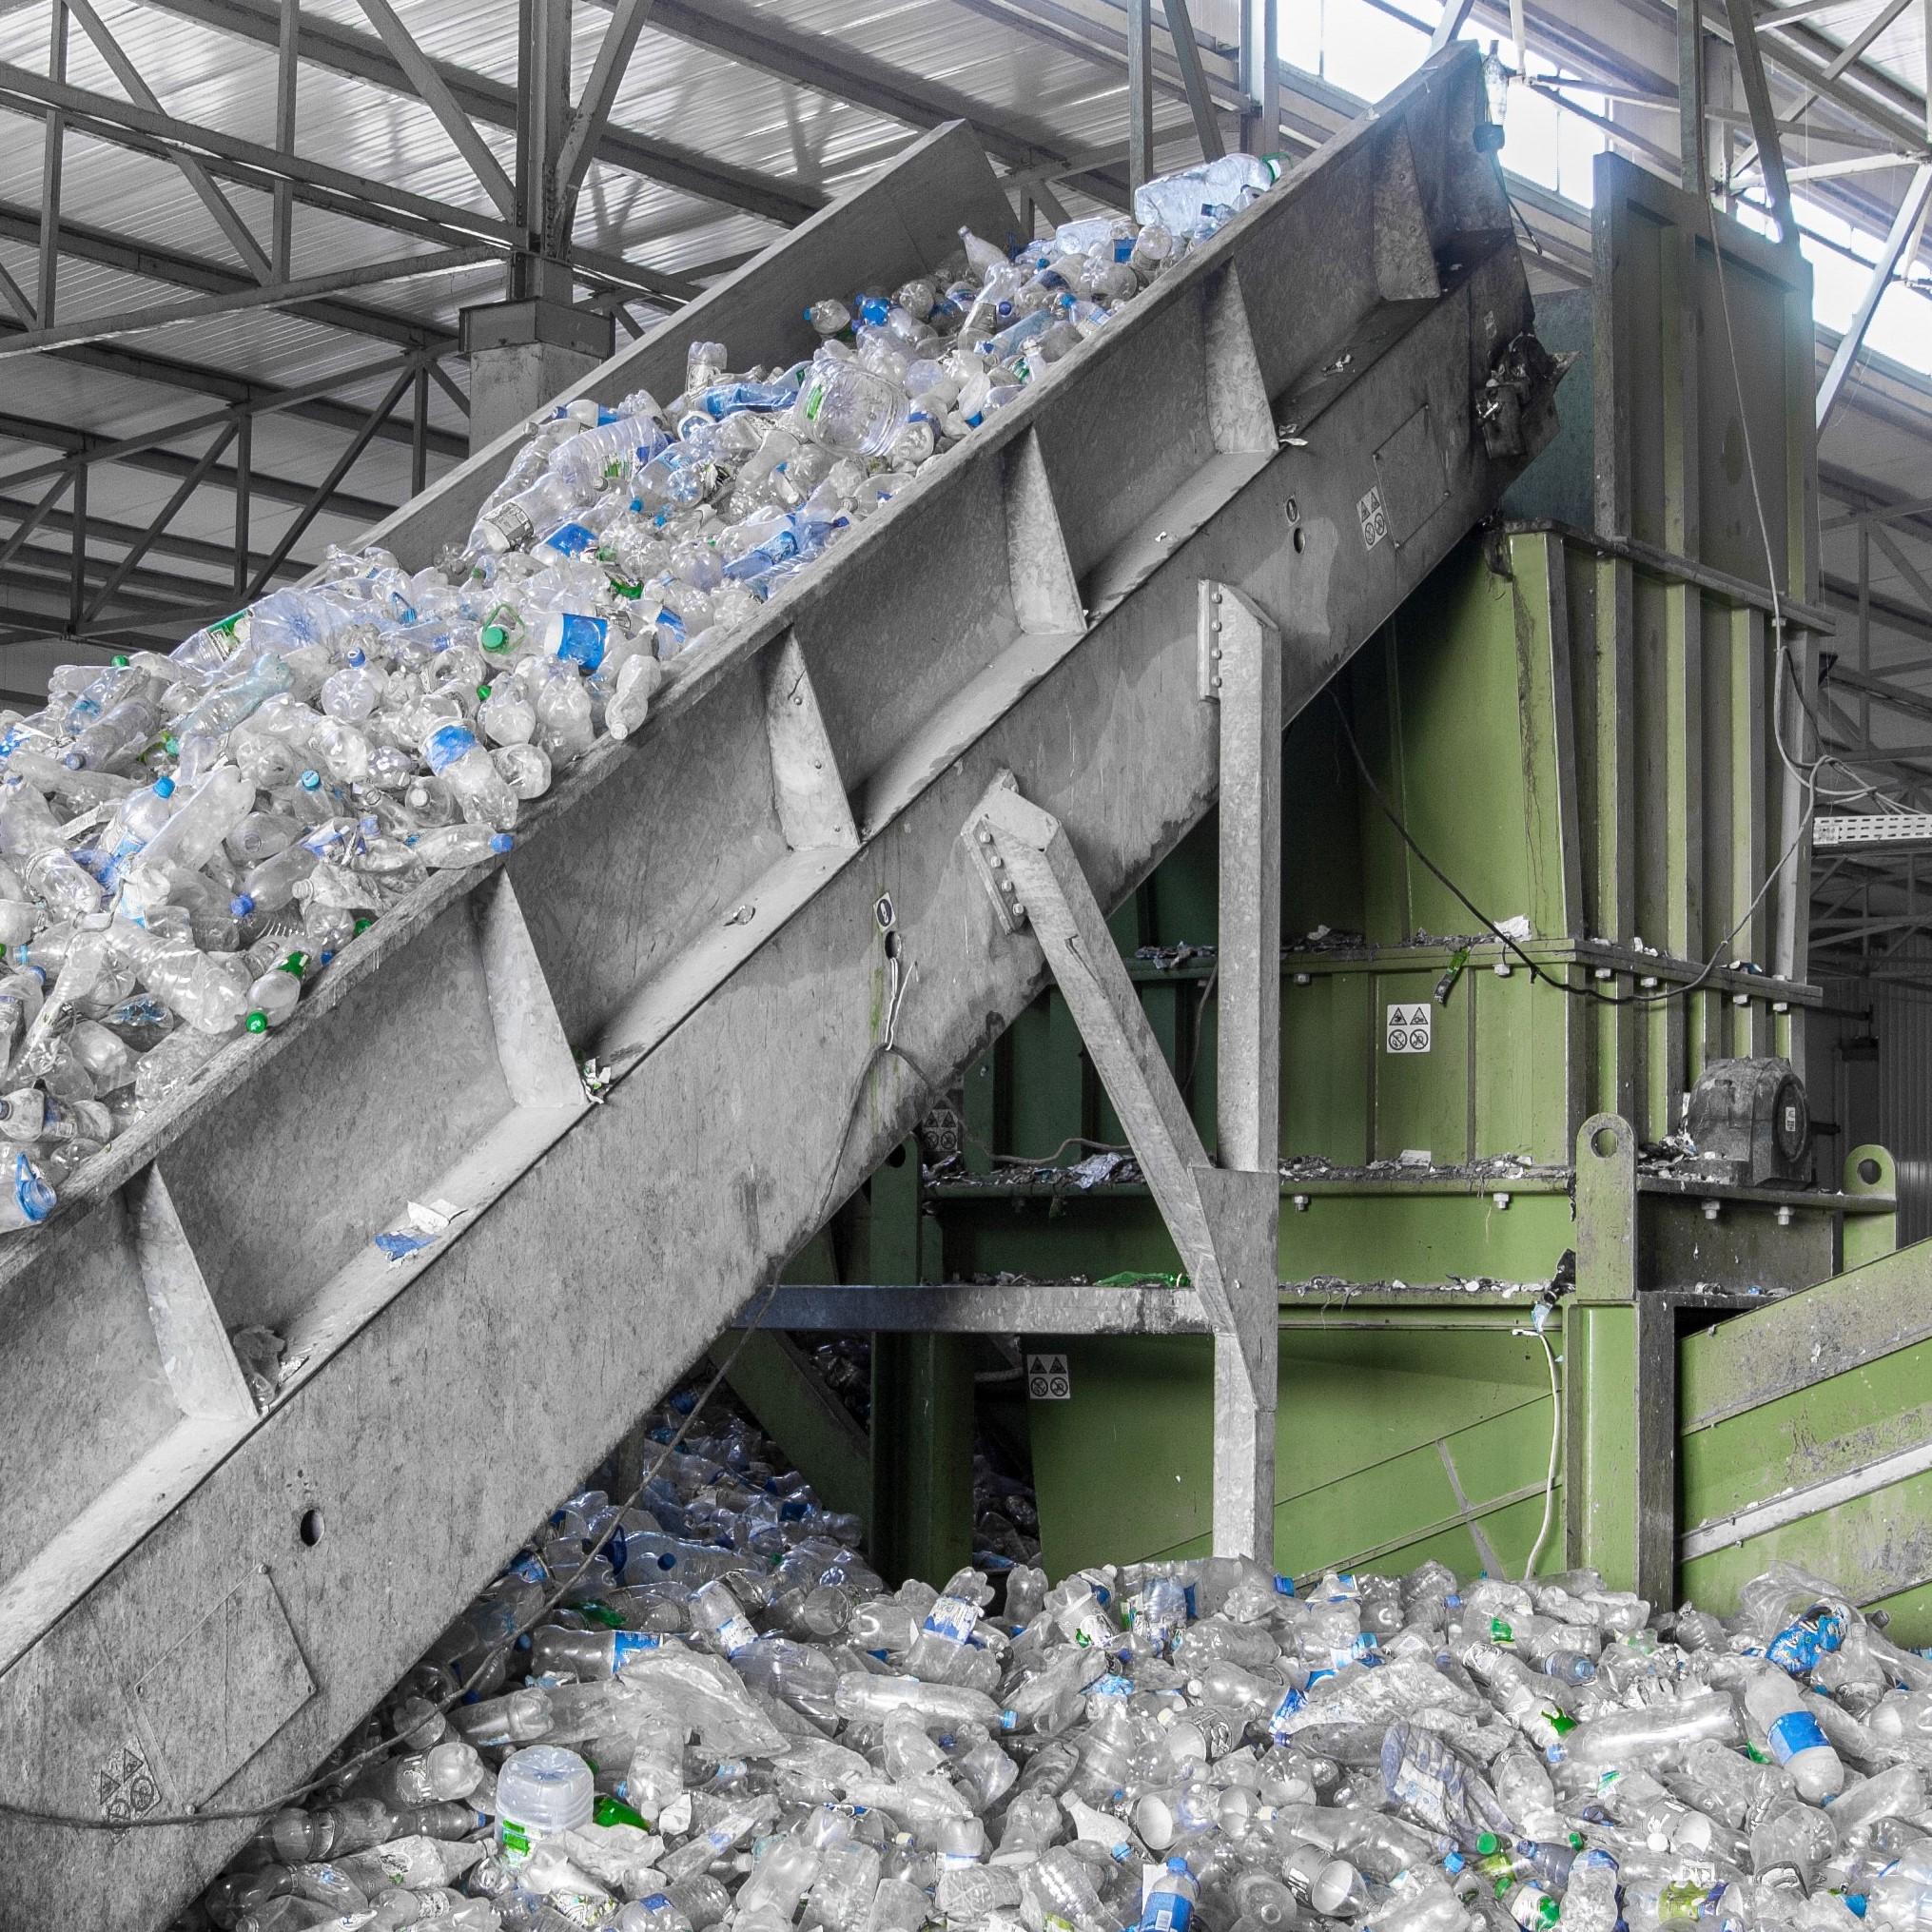 Extracción de operaciones de reciclaje